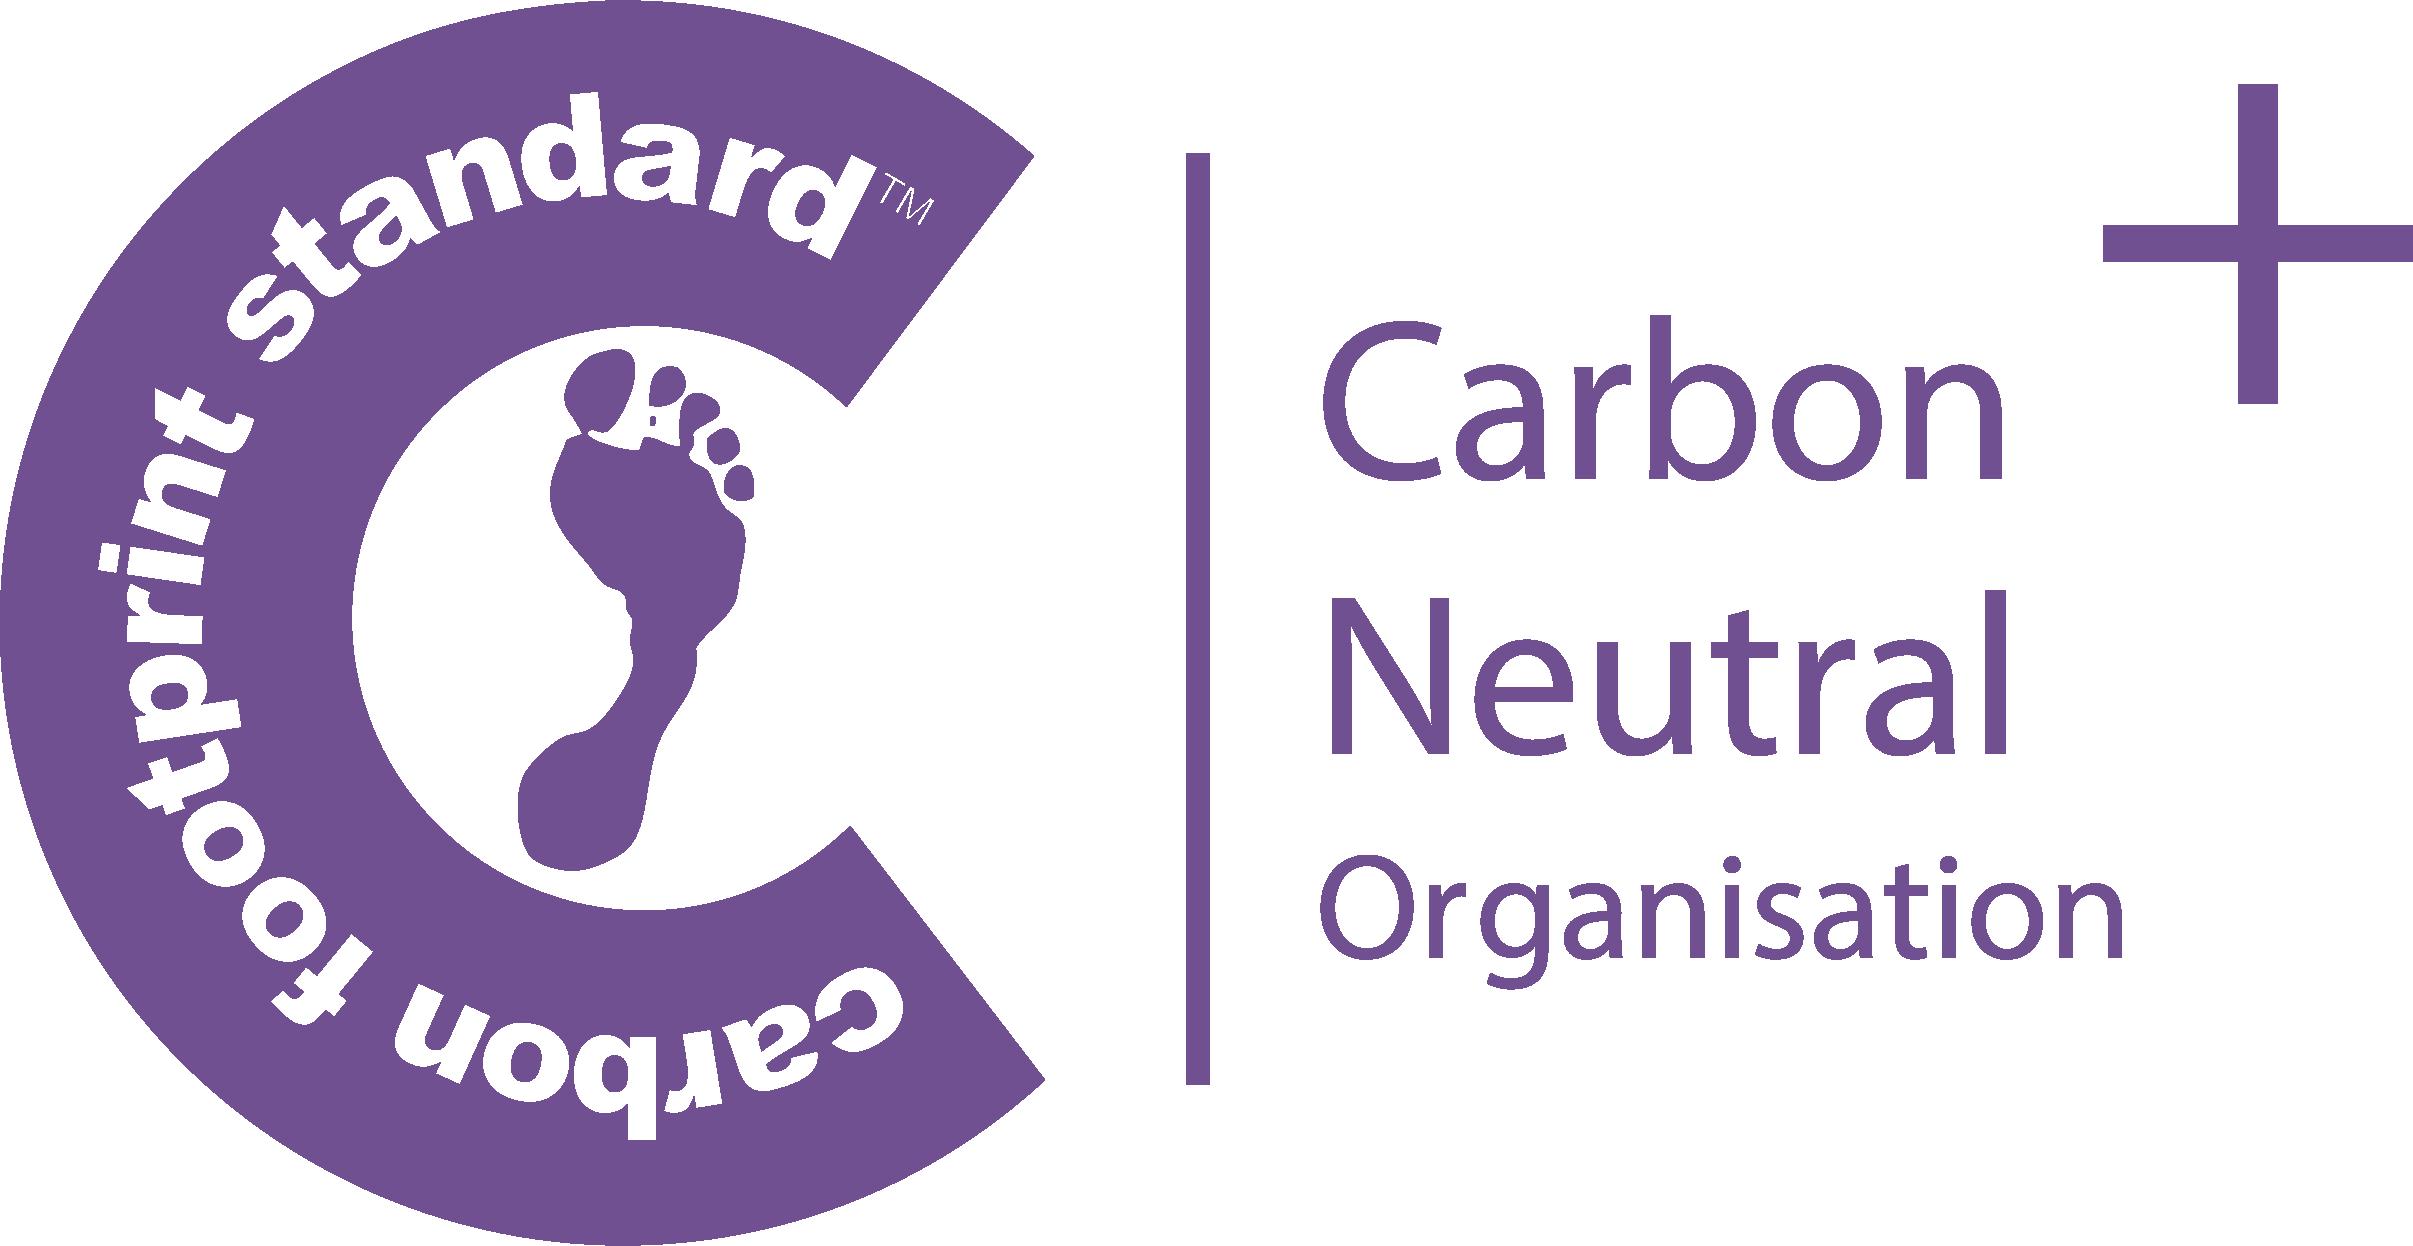 2019 Carbon Neutral+ Organisation